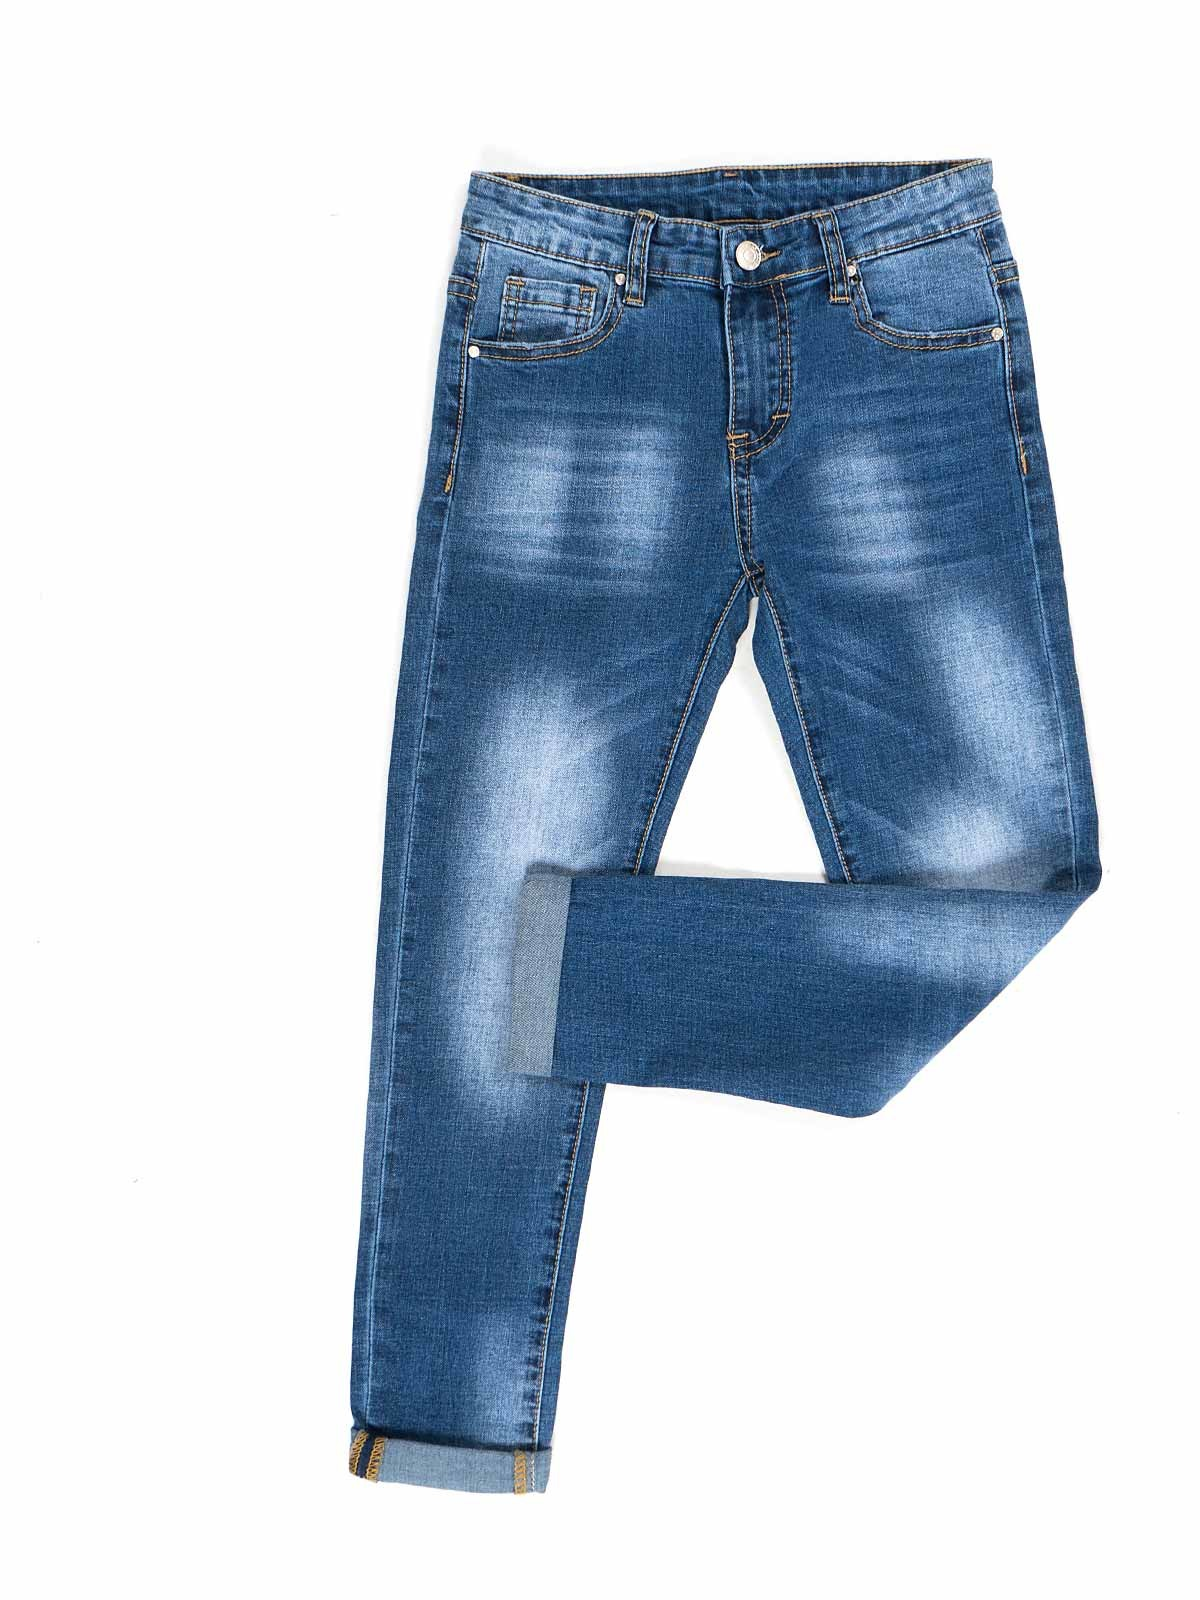 Calças ganga jeans retas manchadas